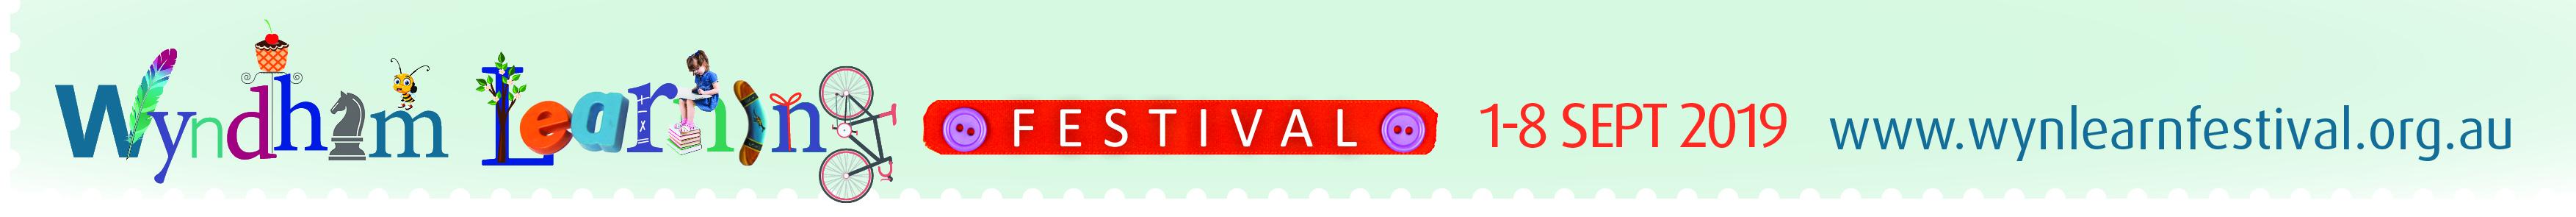 Wyndham Learning Festival Banner